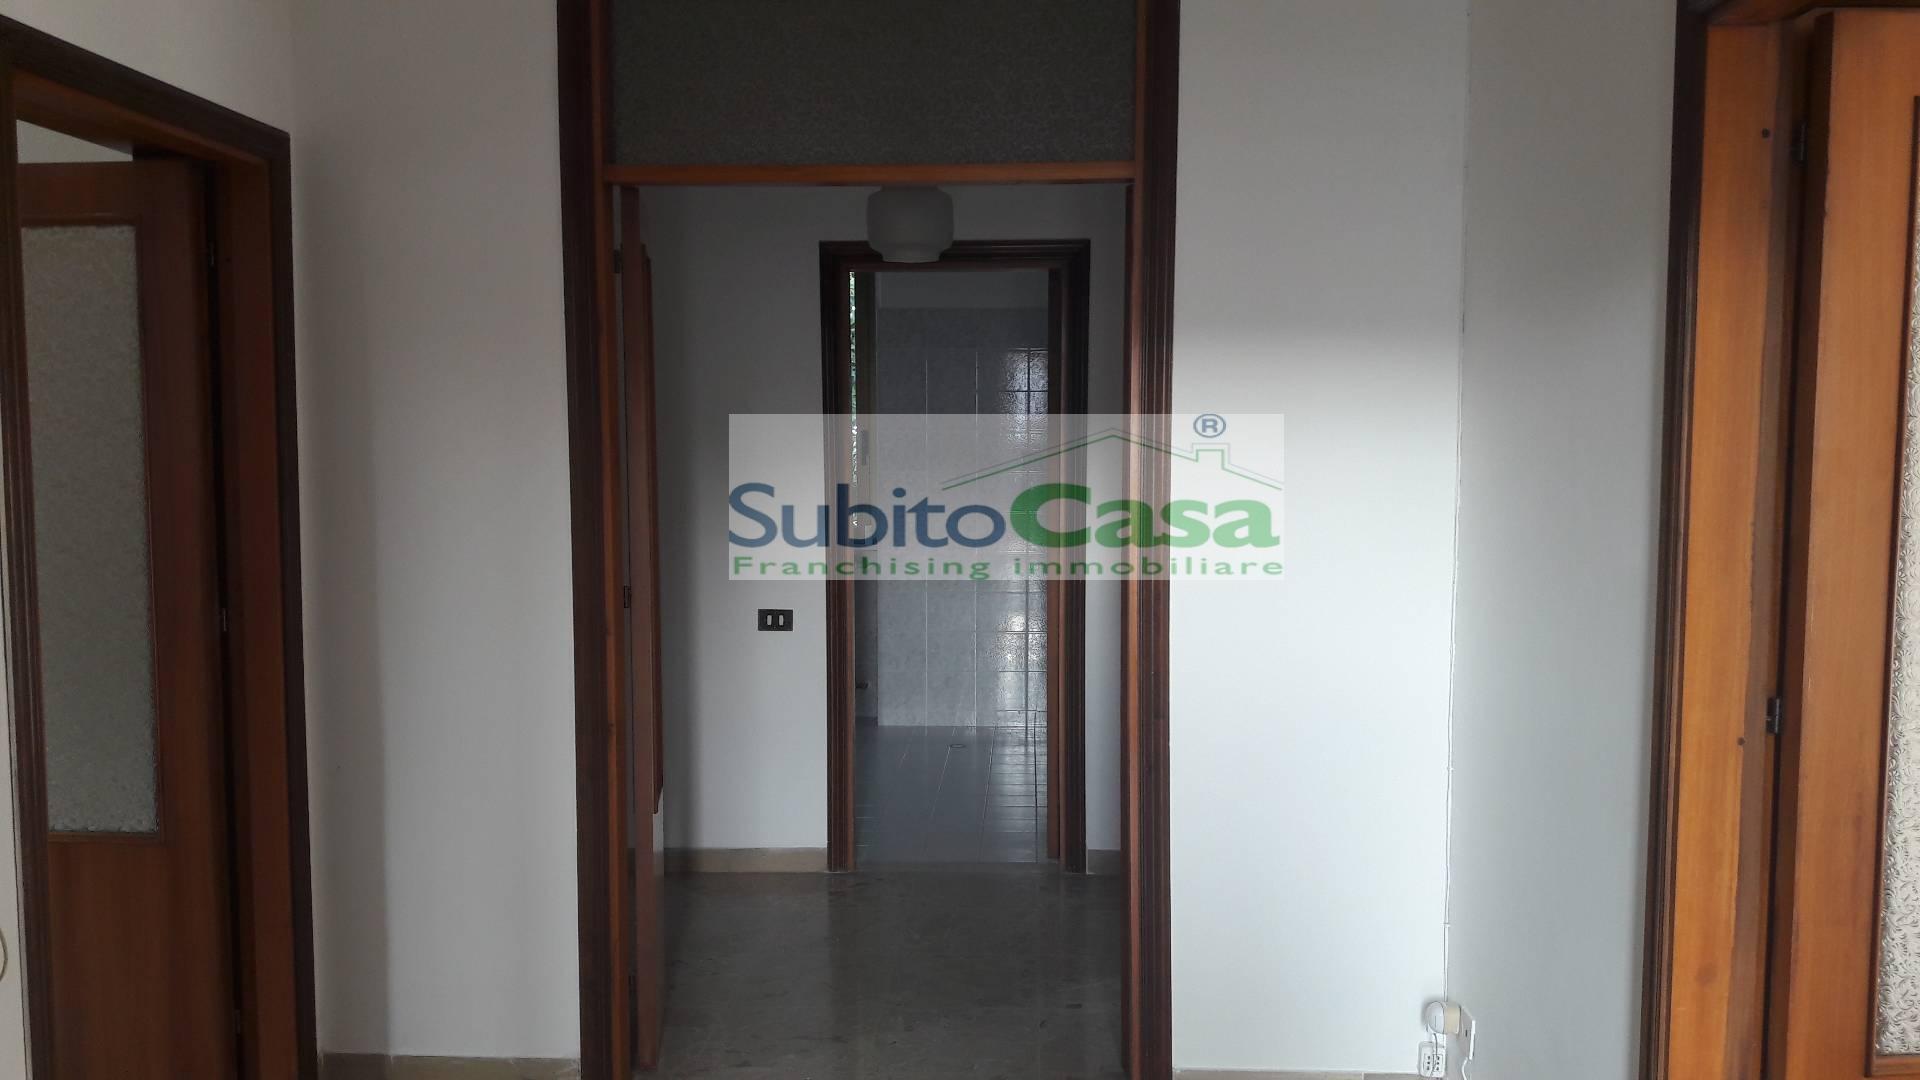 Appartamento in affitto a Cepagatti, 5 locali, zona Località: Centro, prezzo € 380 | Cambio Casa.it